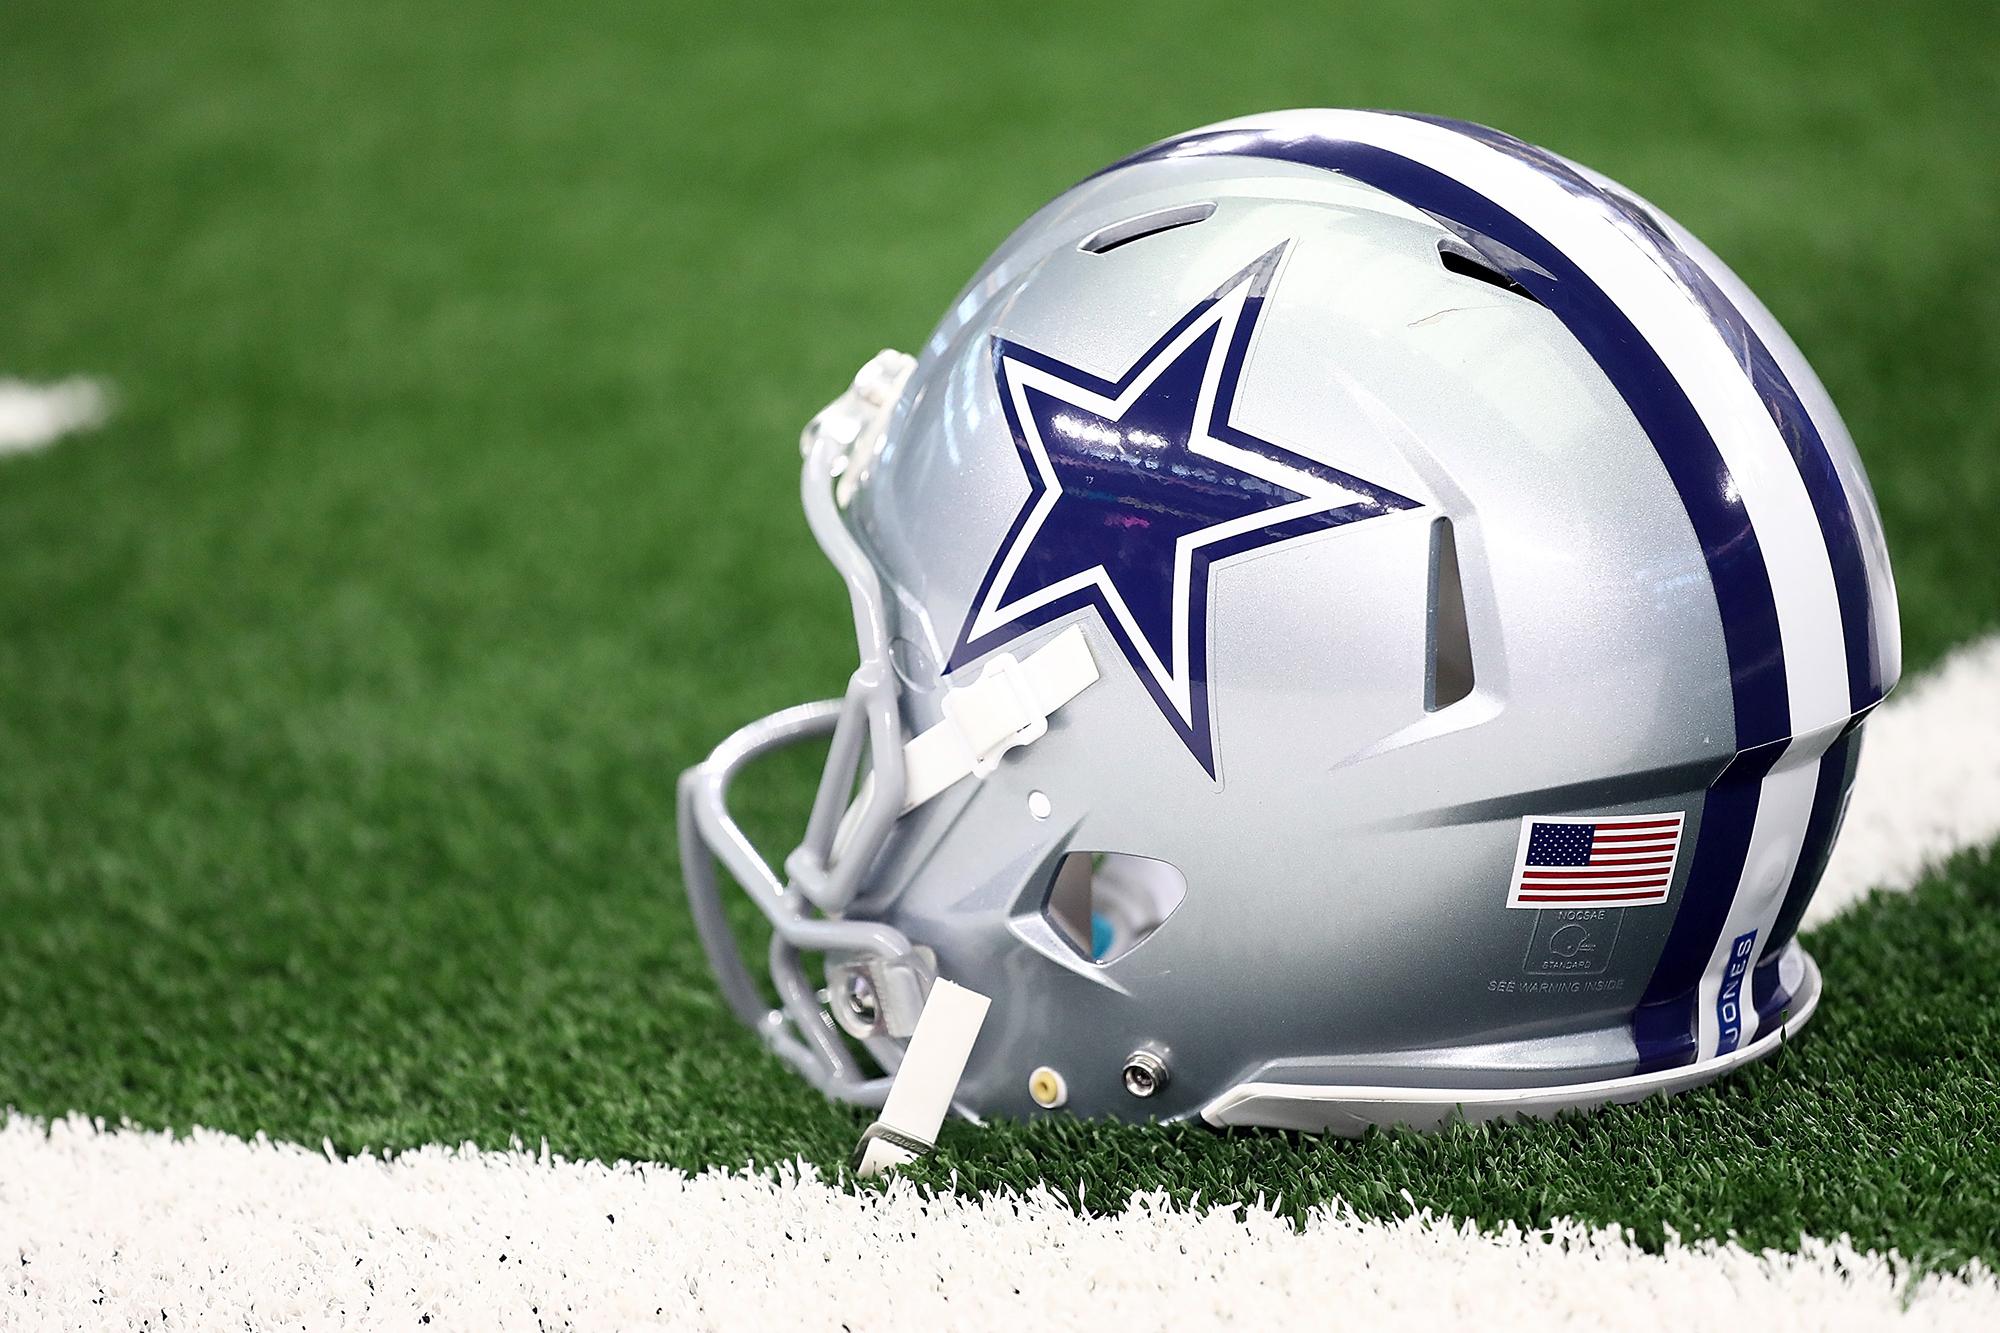 A Dallas Cowboys helmet at AT&T Stadium on October 14, 2018 in Arlington, Texas.